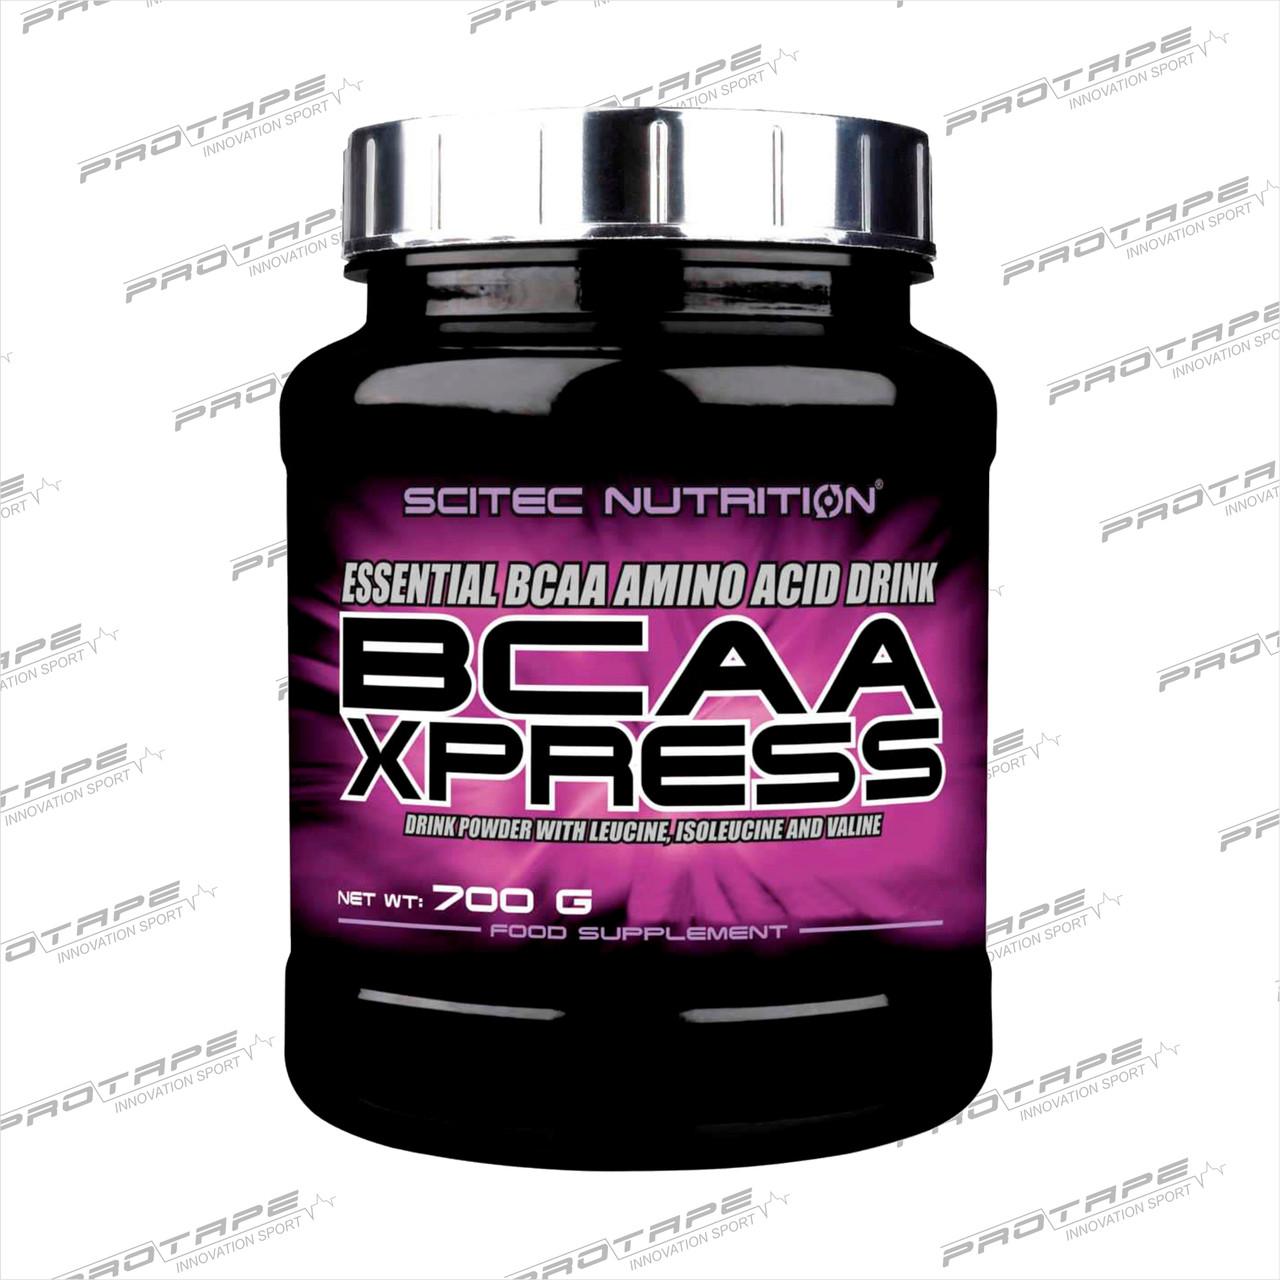 Аминокислота BCAA Scitec Nutrition  XPRESS 700гр.